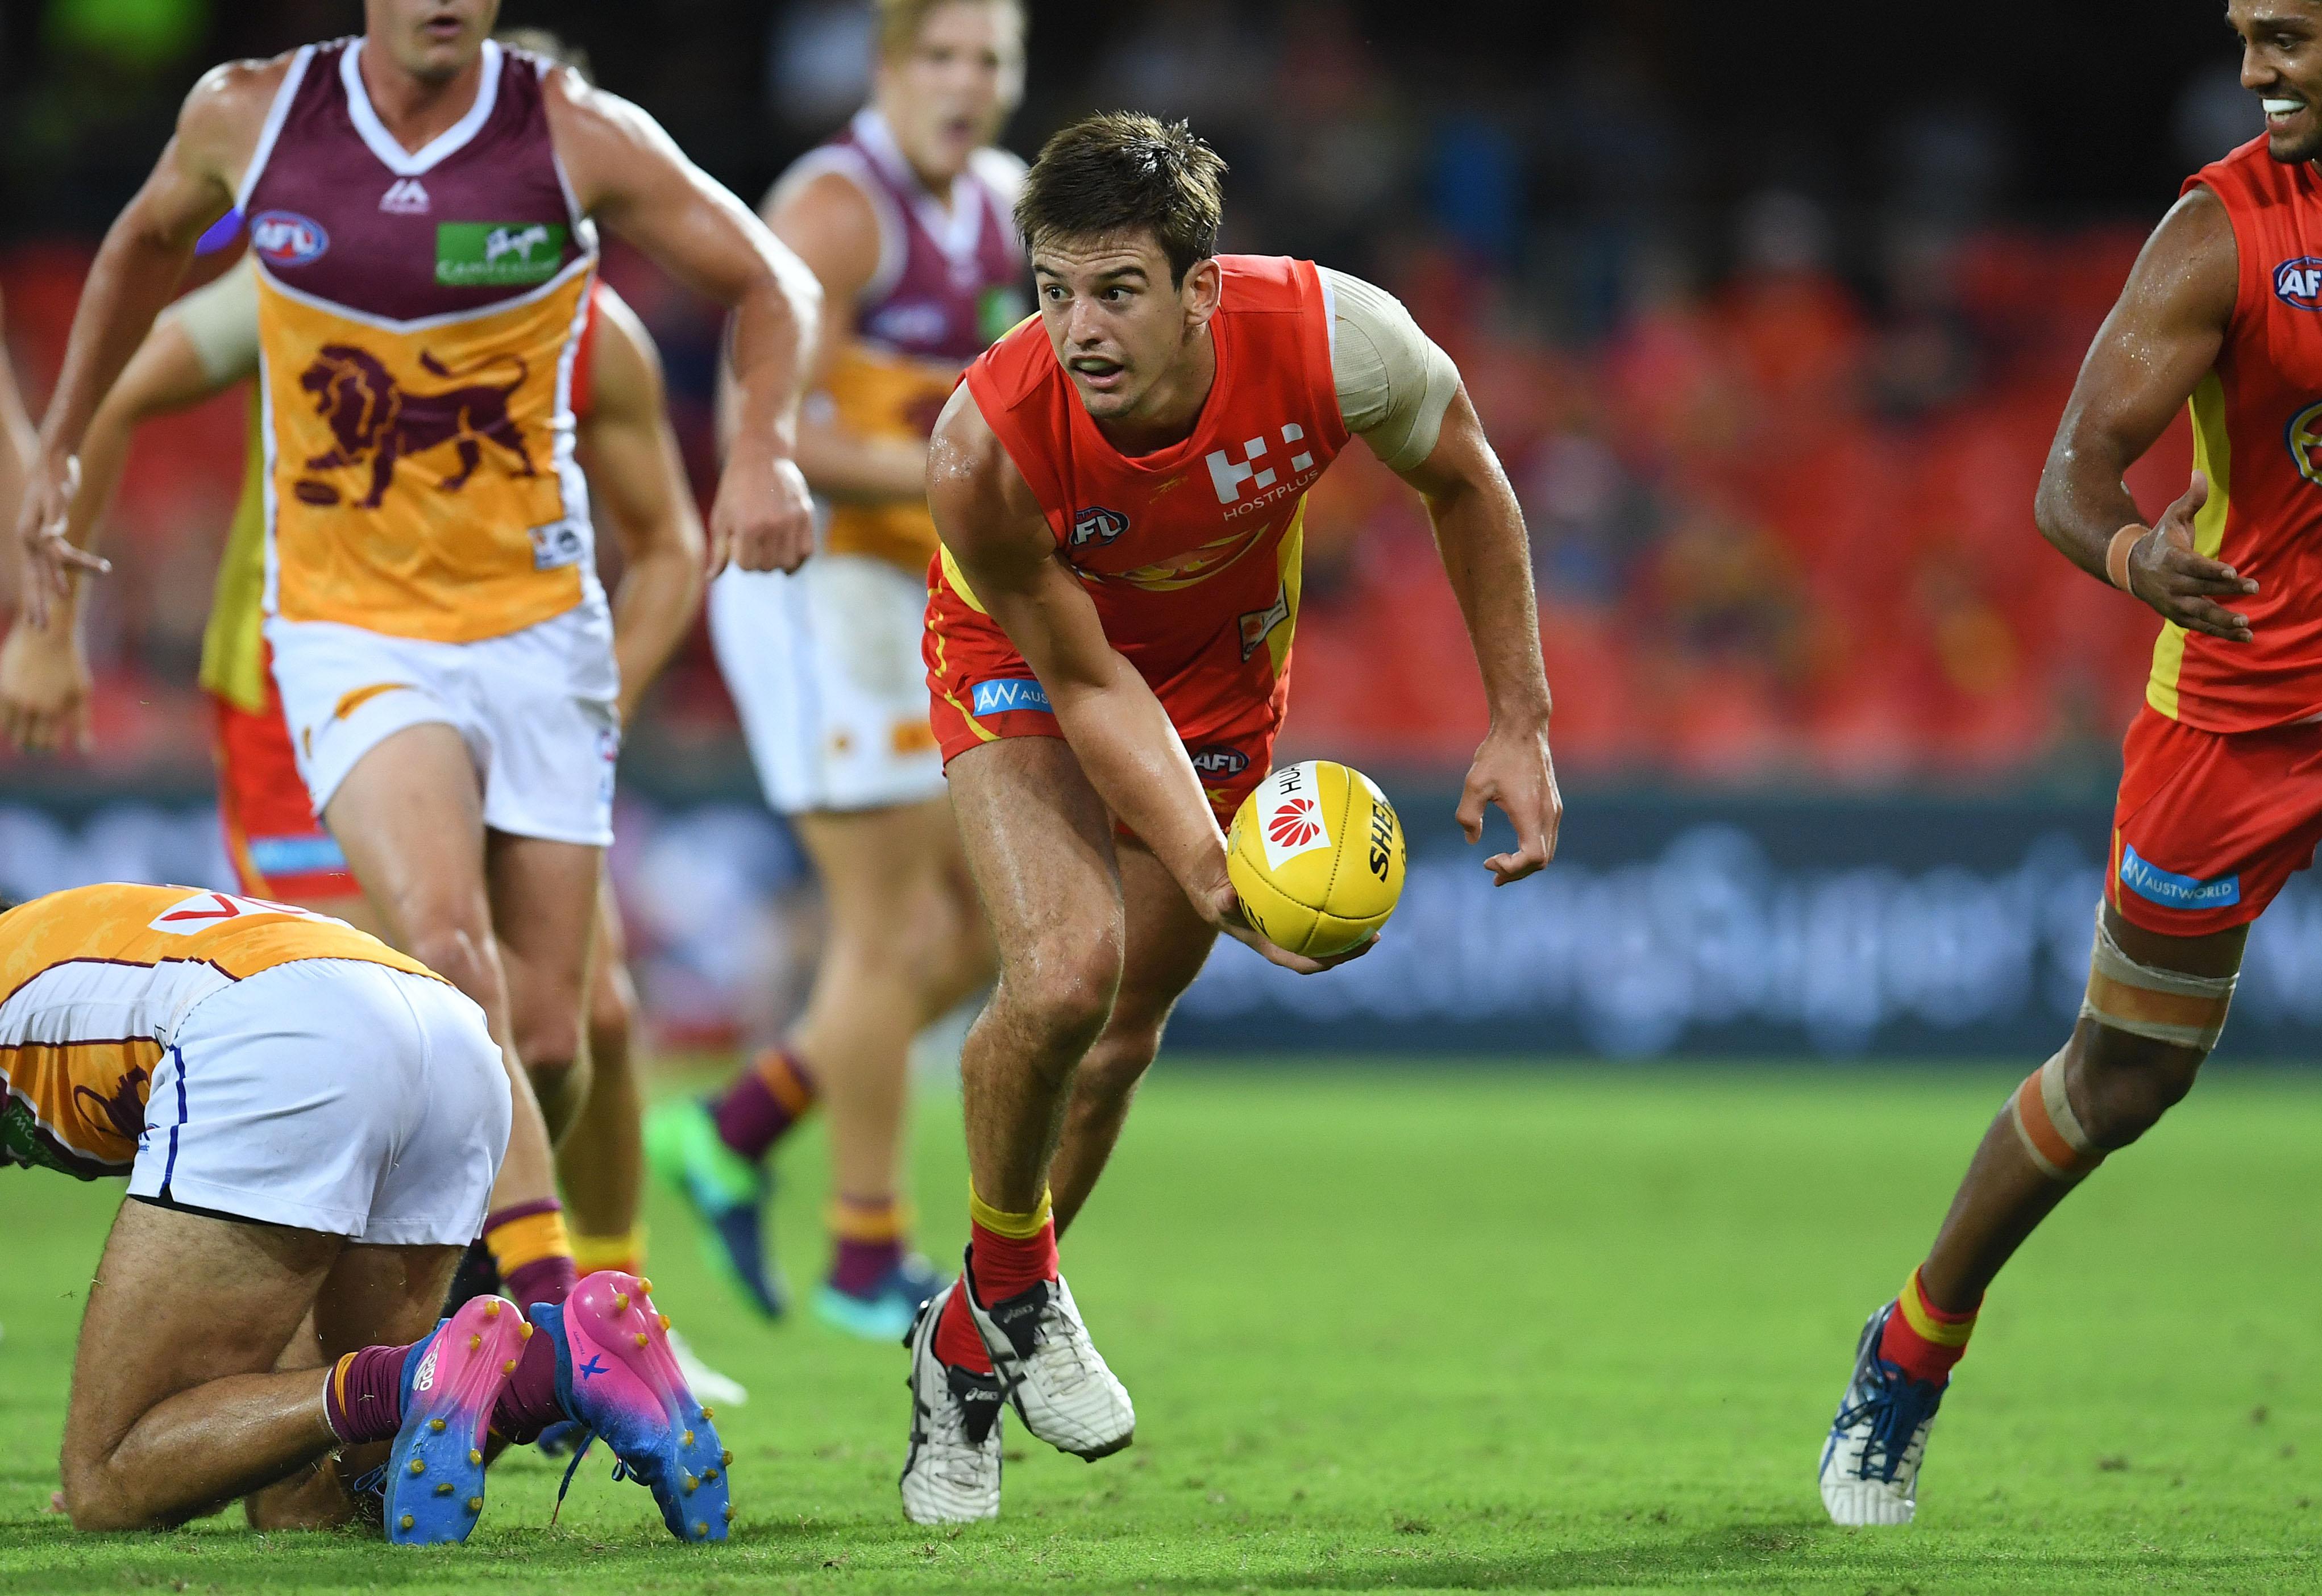 Lyons joins Brisbane after Suns delisting